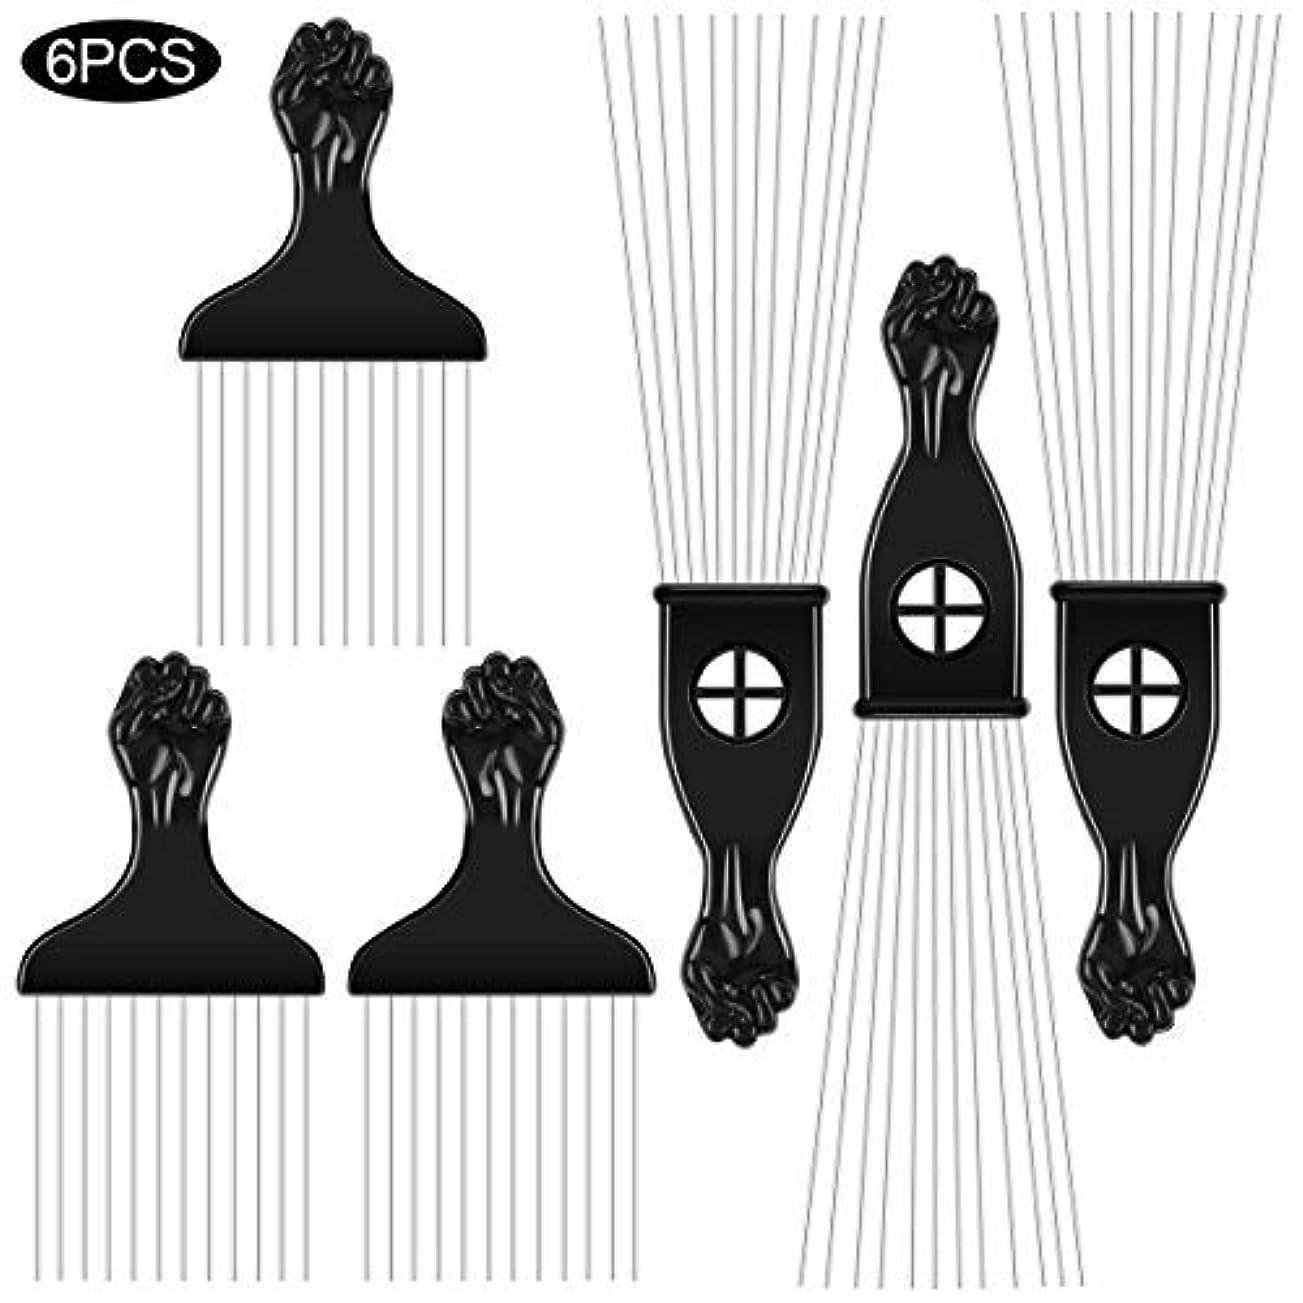 職人流体極貧6PCS Afro Combs Metal African American black Fist Pick Comb Hairdressing Styling Tool [並行輸入品]